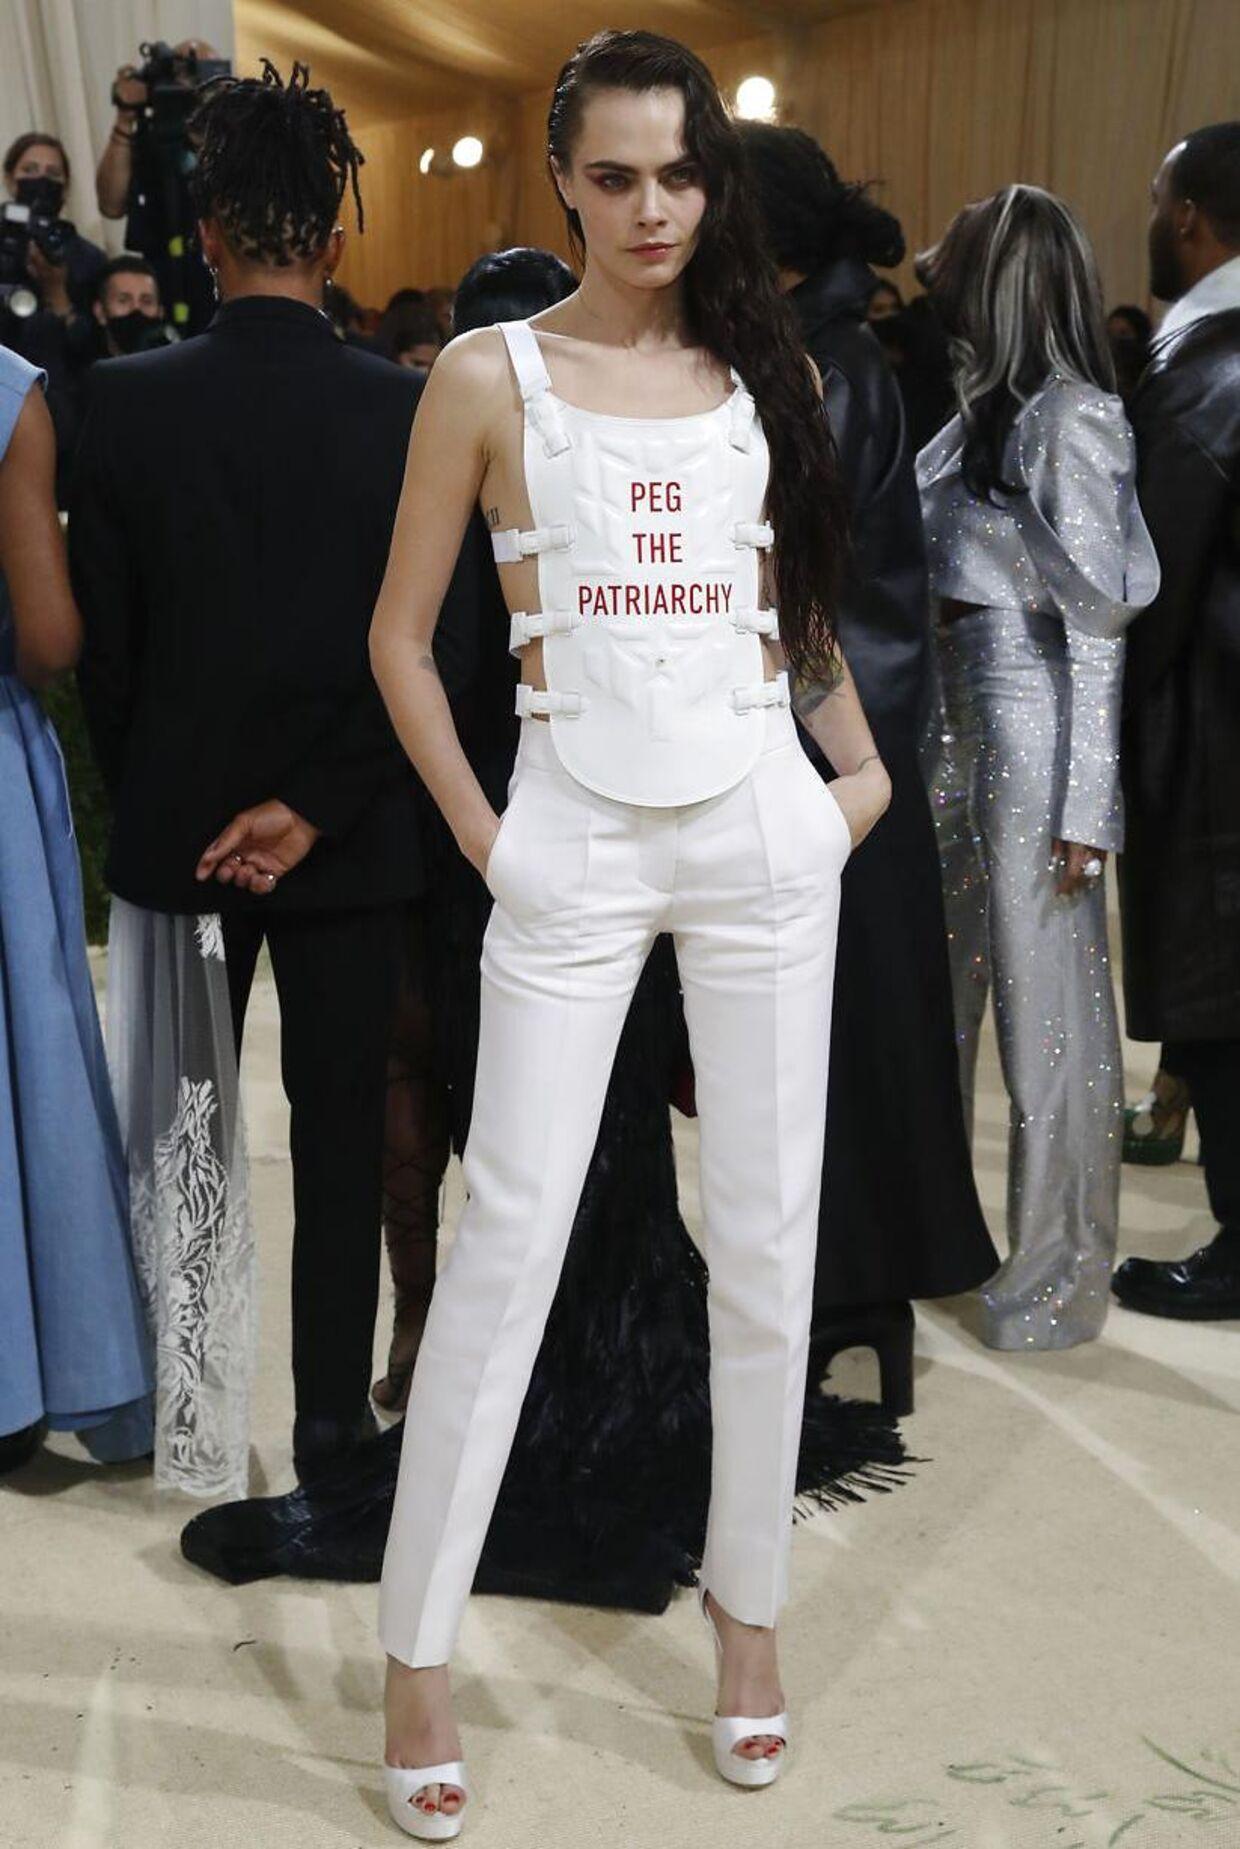 Cara Delevingne i sit provokerende outfit.